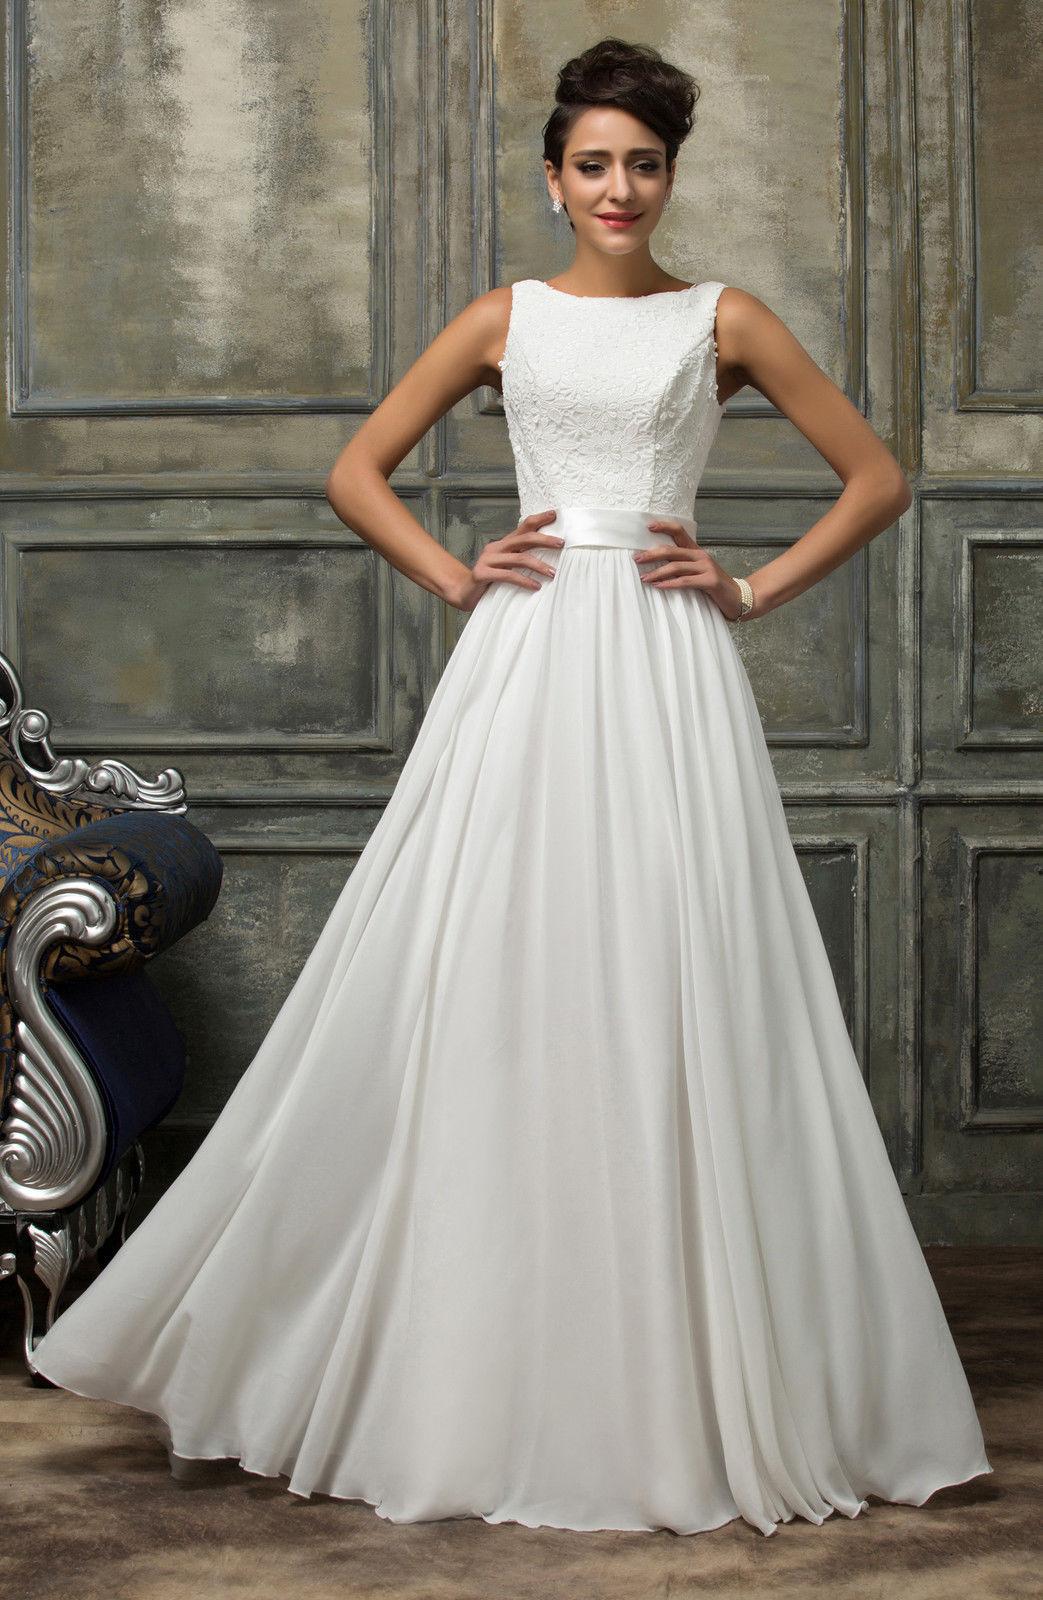 d5ccecfd5d1 Bílé dlouhé svatební šaty na vysokou postavu 34 XS